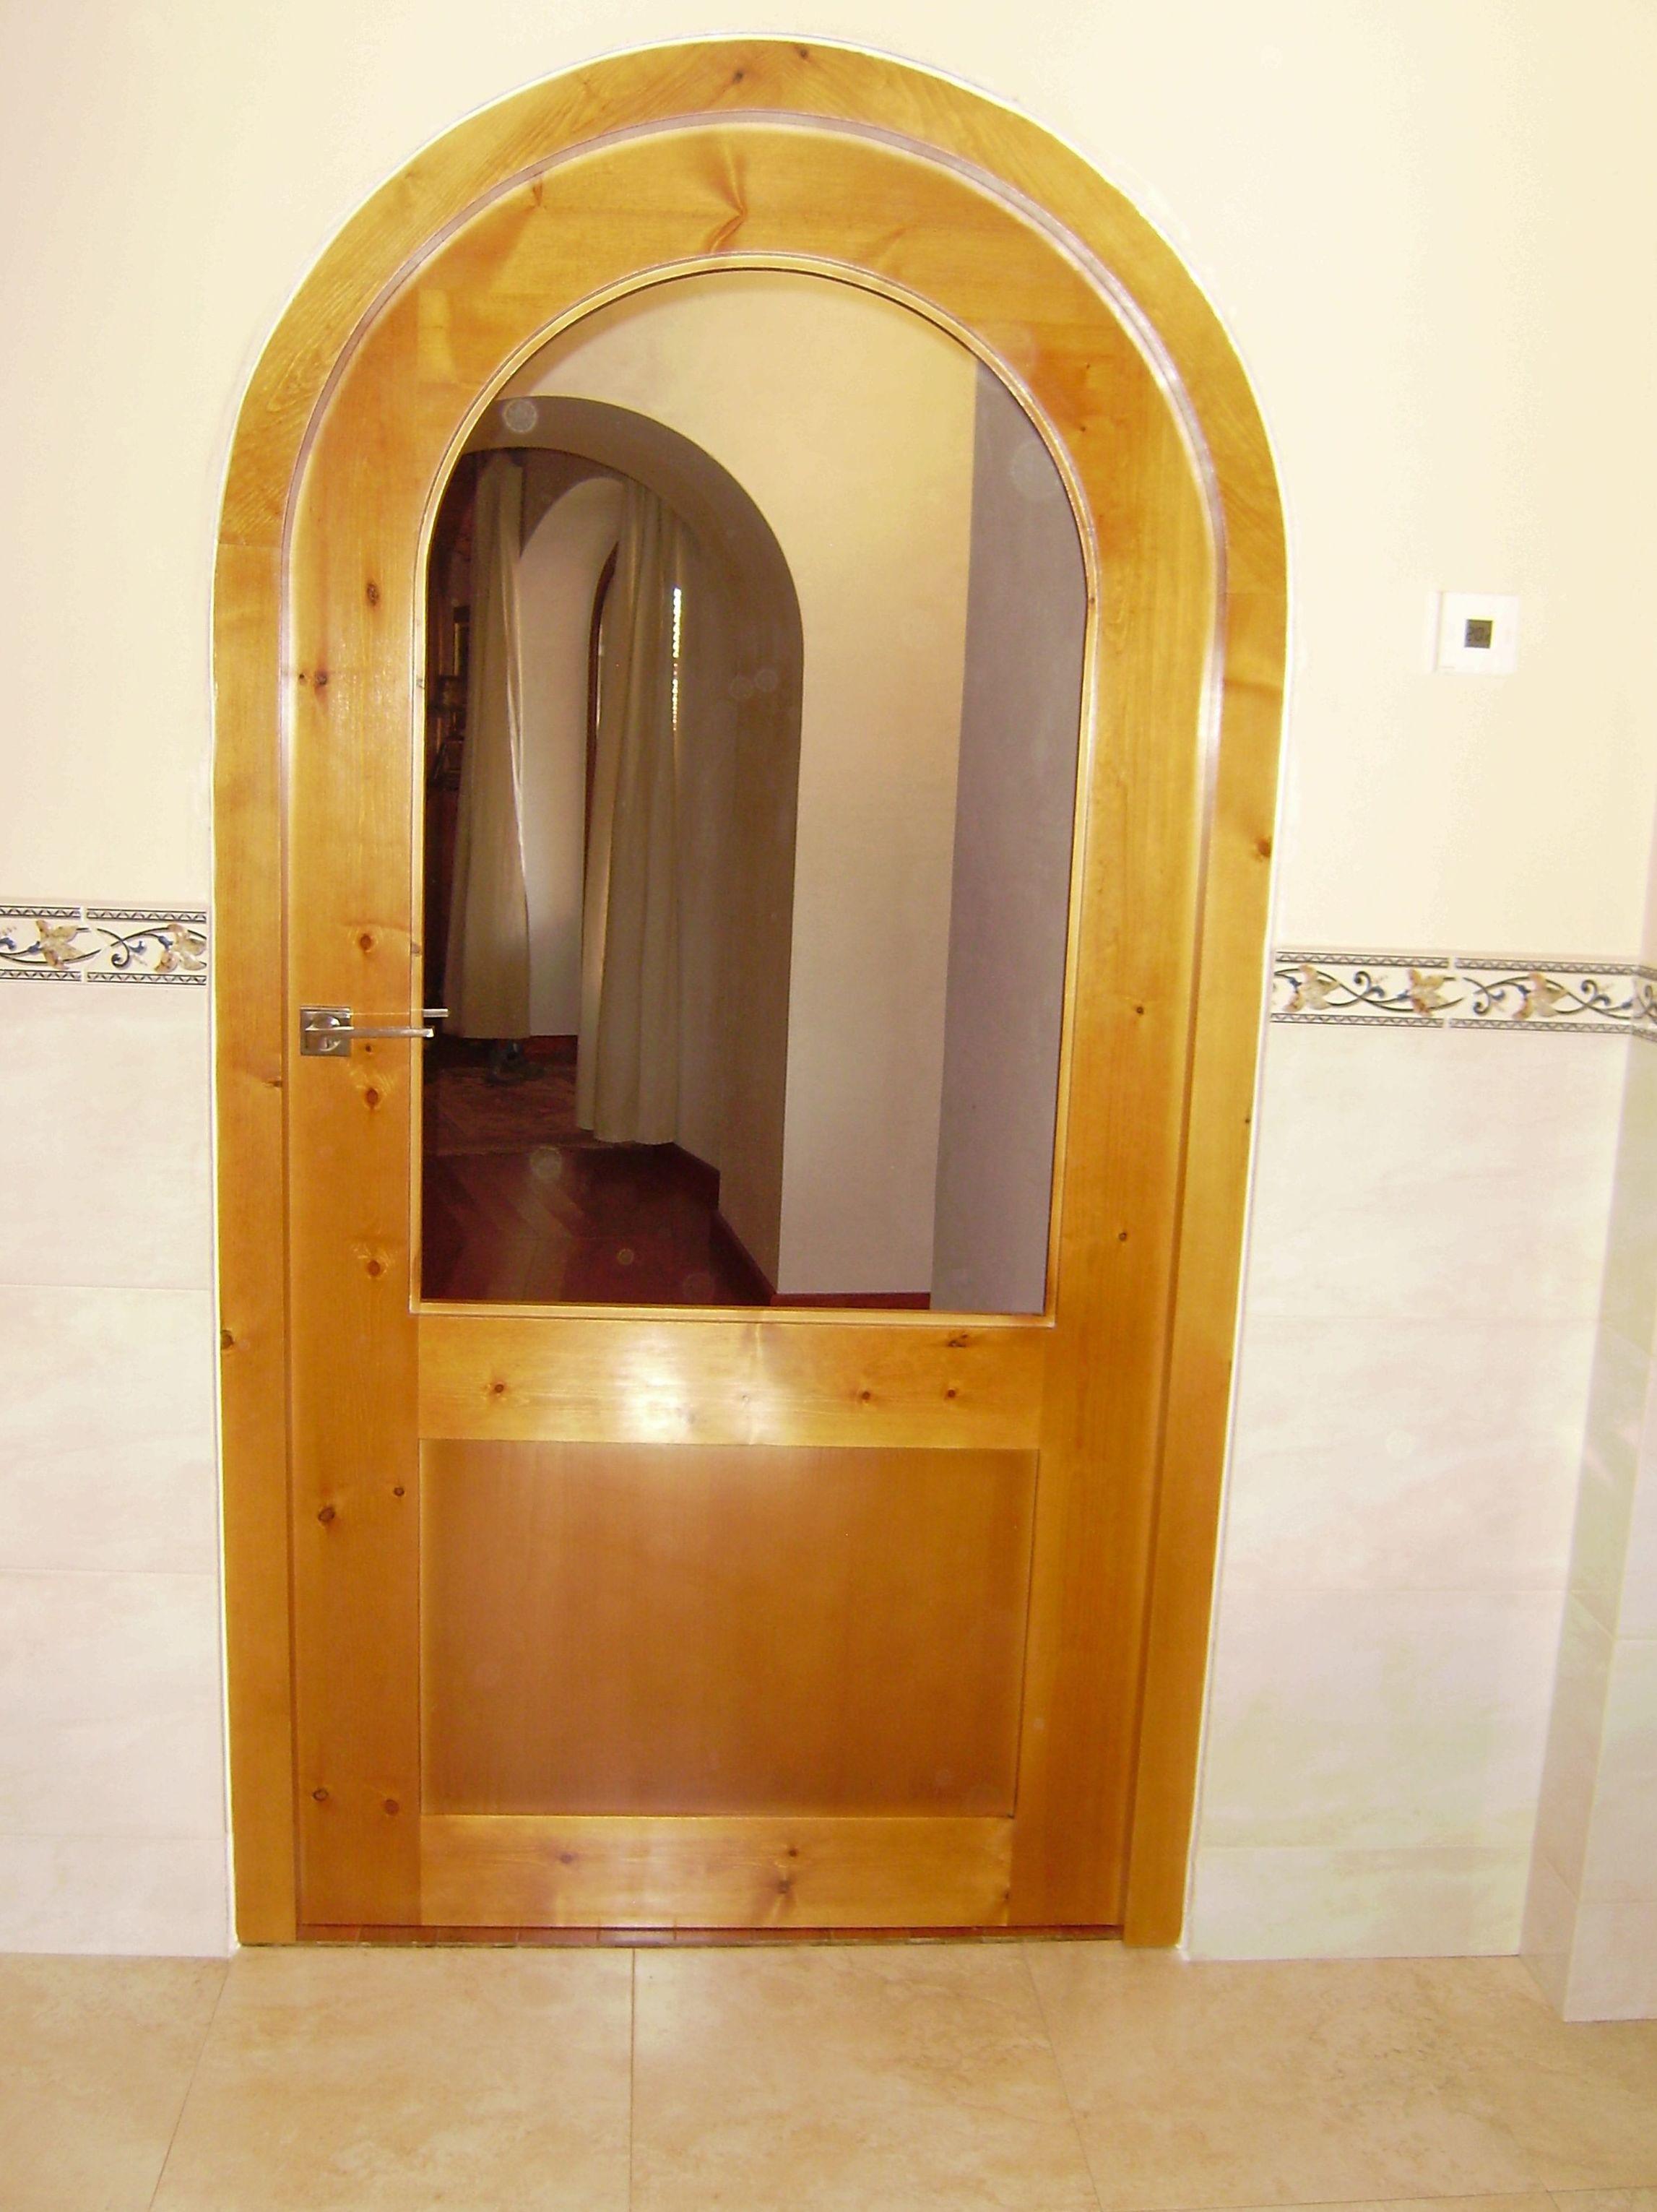 Foto 17 de Carpintería en Santa Cristina de la Polvorosa | Ebanistería y Carpintería Martín